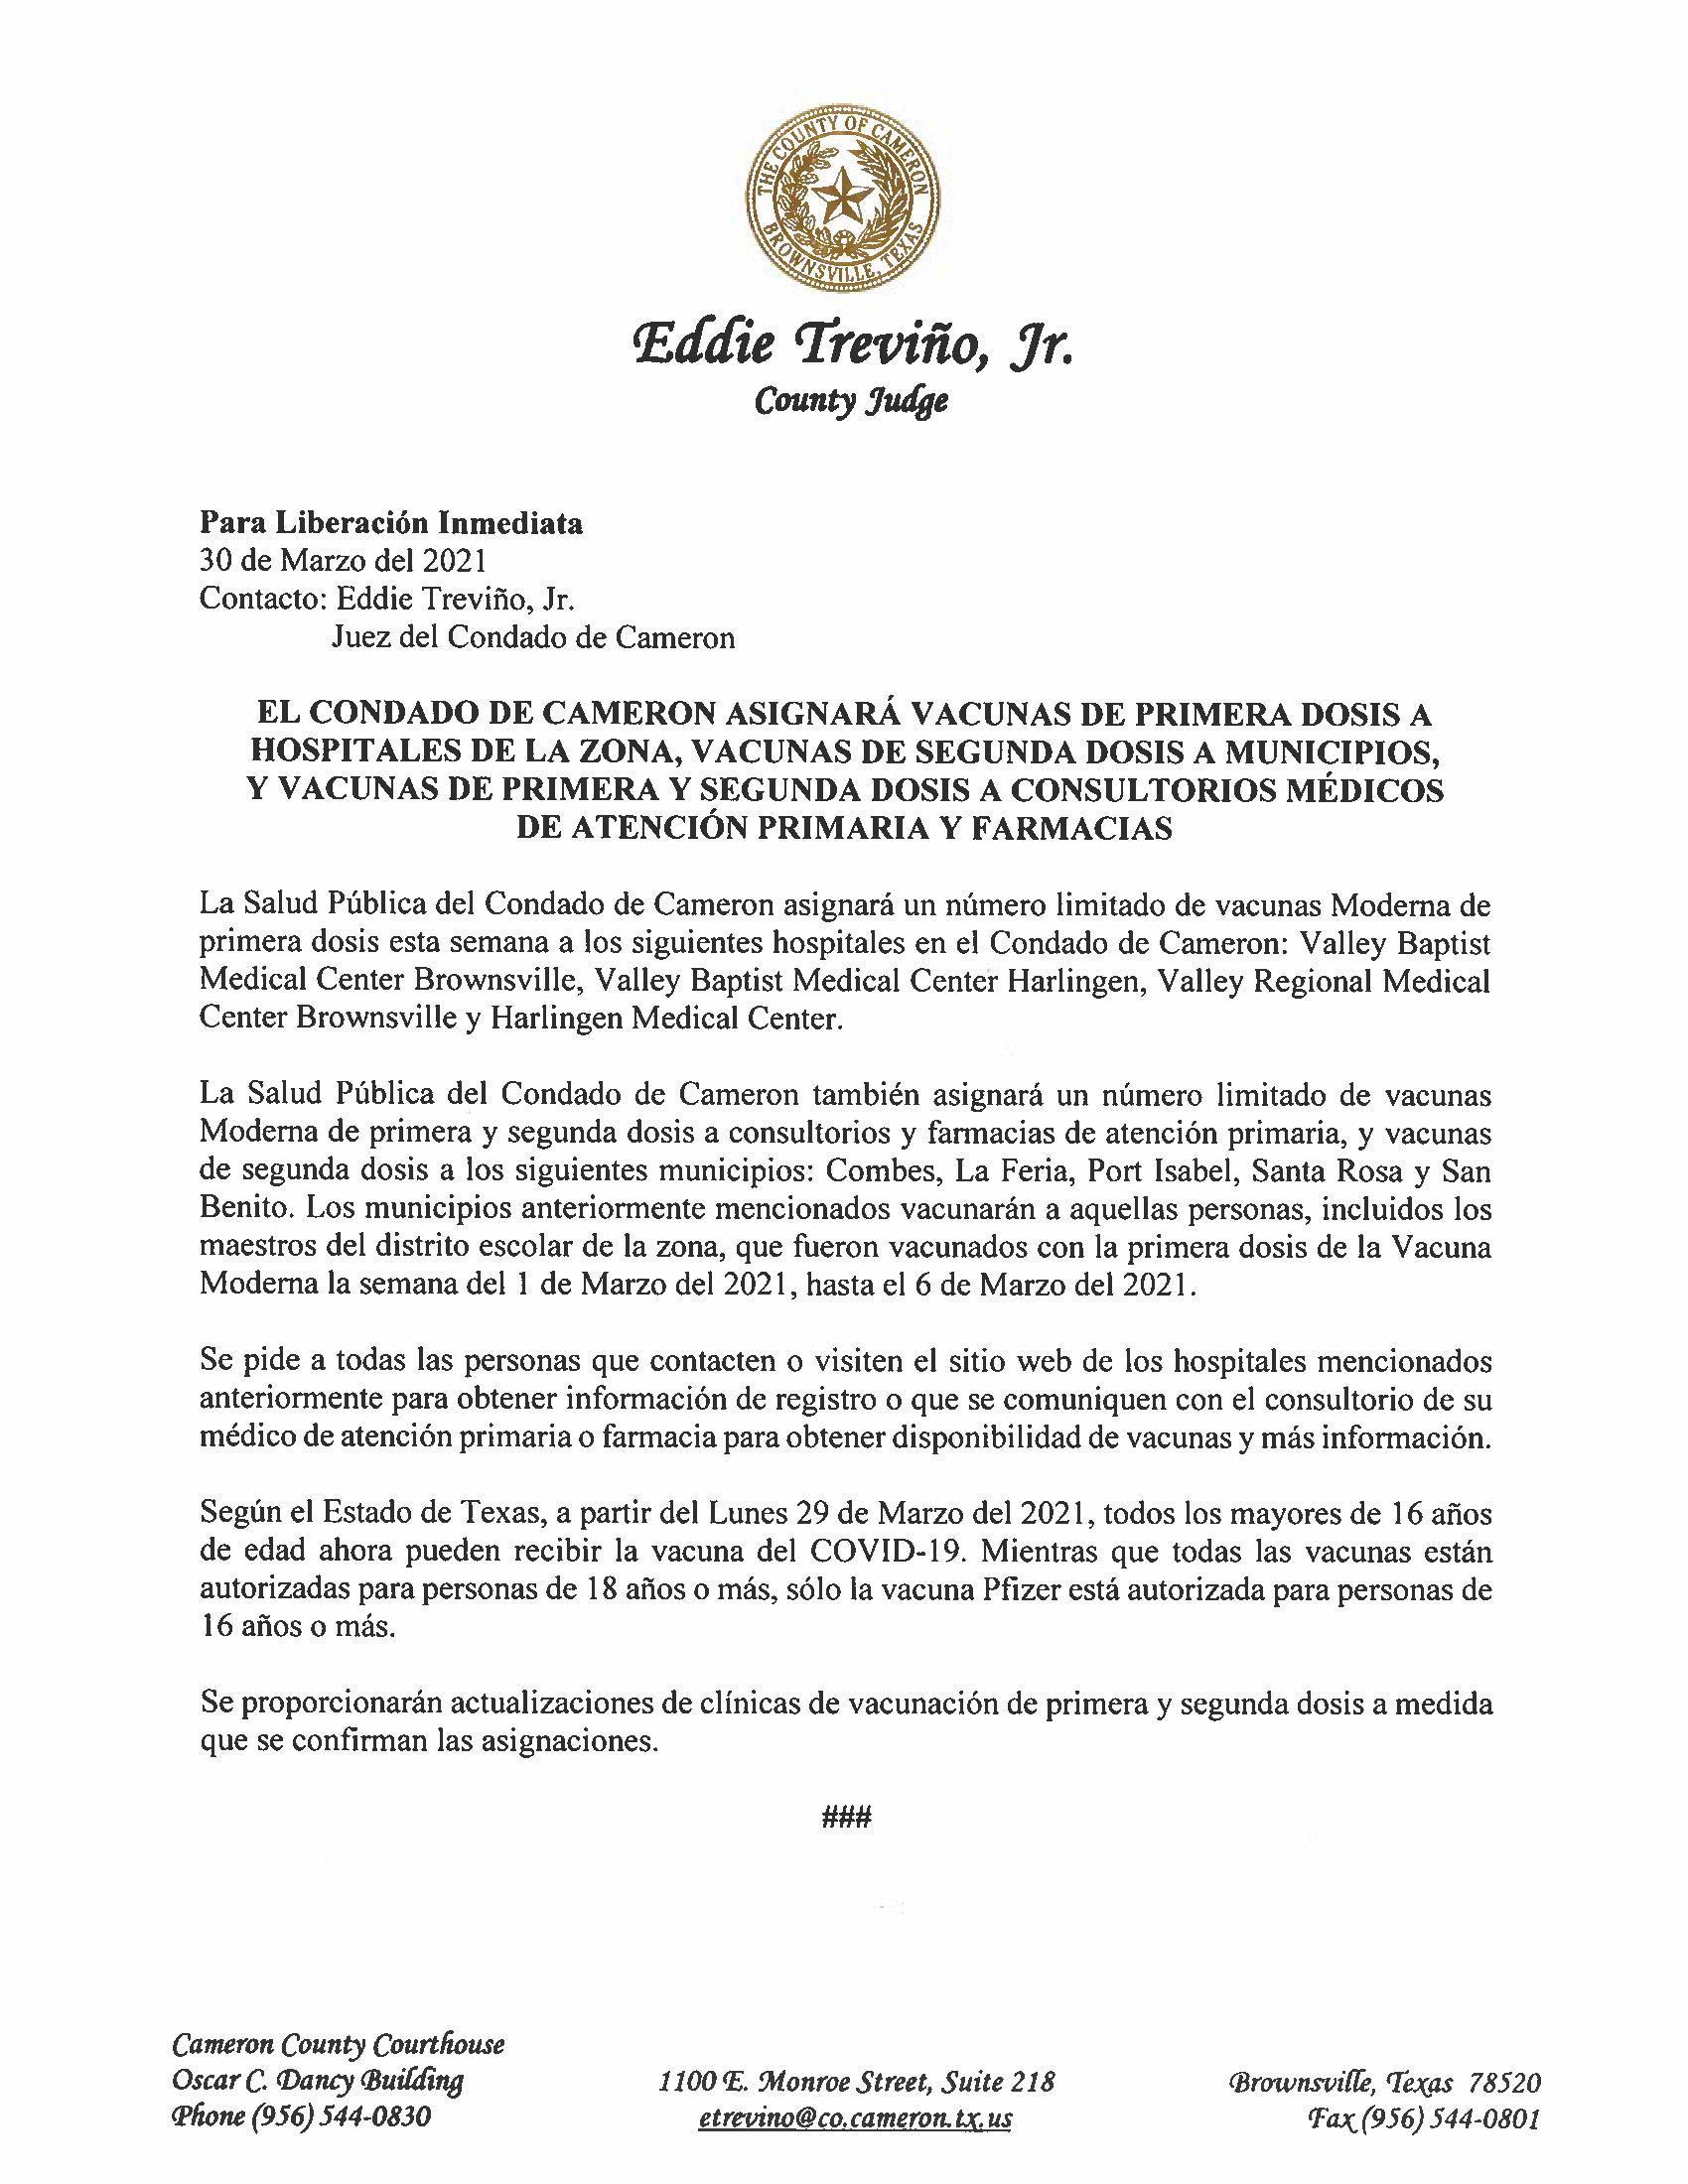 3.30.21 Condado Asignara Vacunas A Hospitales De La Zona Municipios Consultorios Medicos Y Farmacias